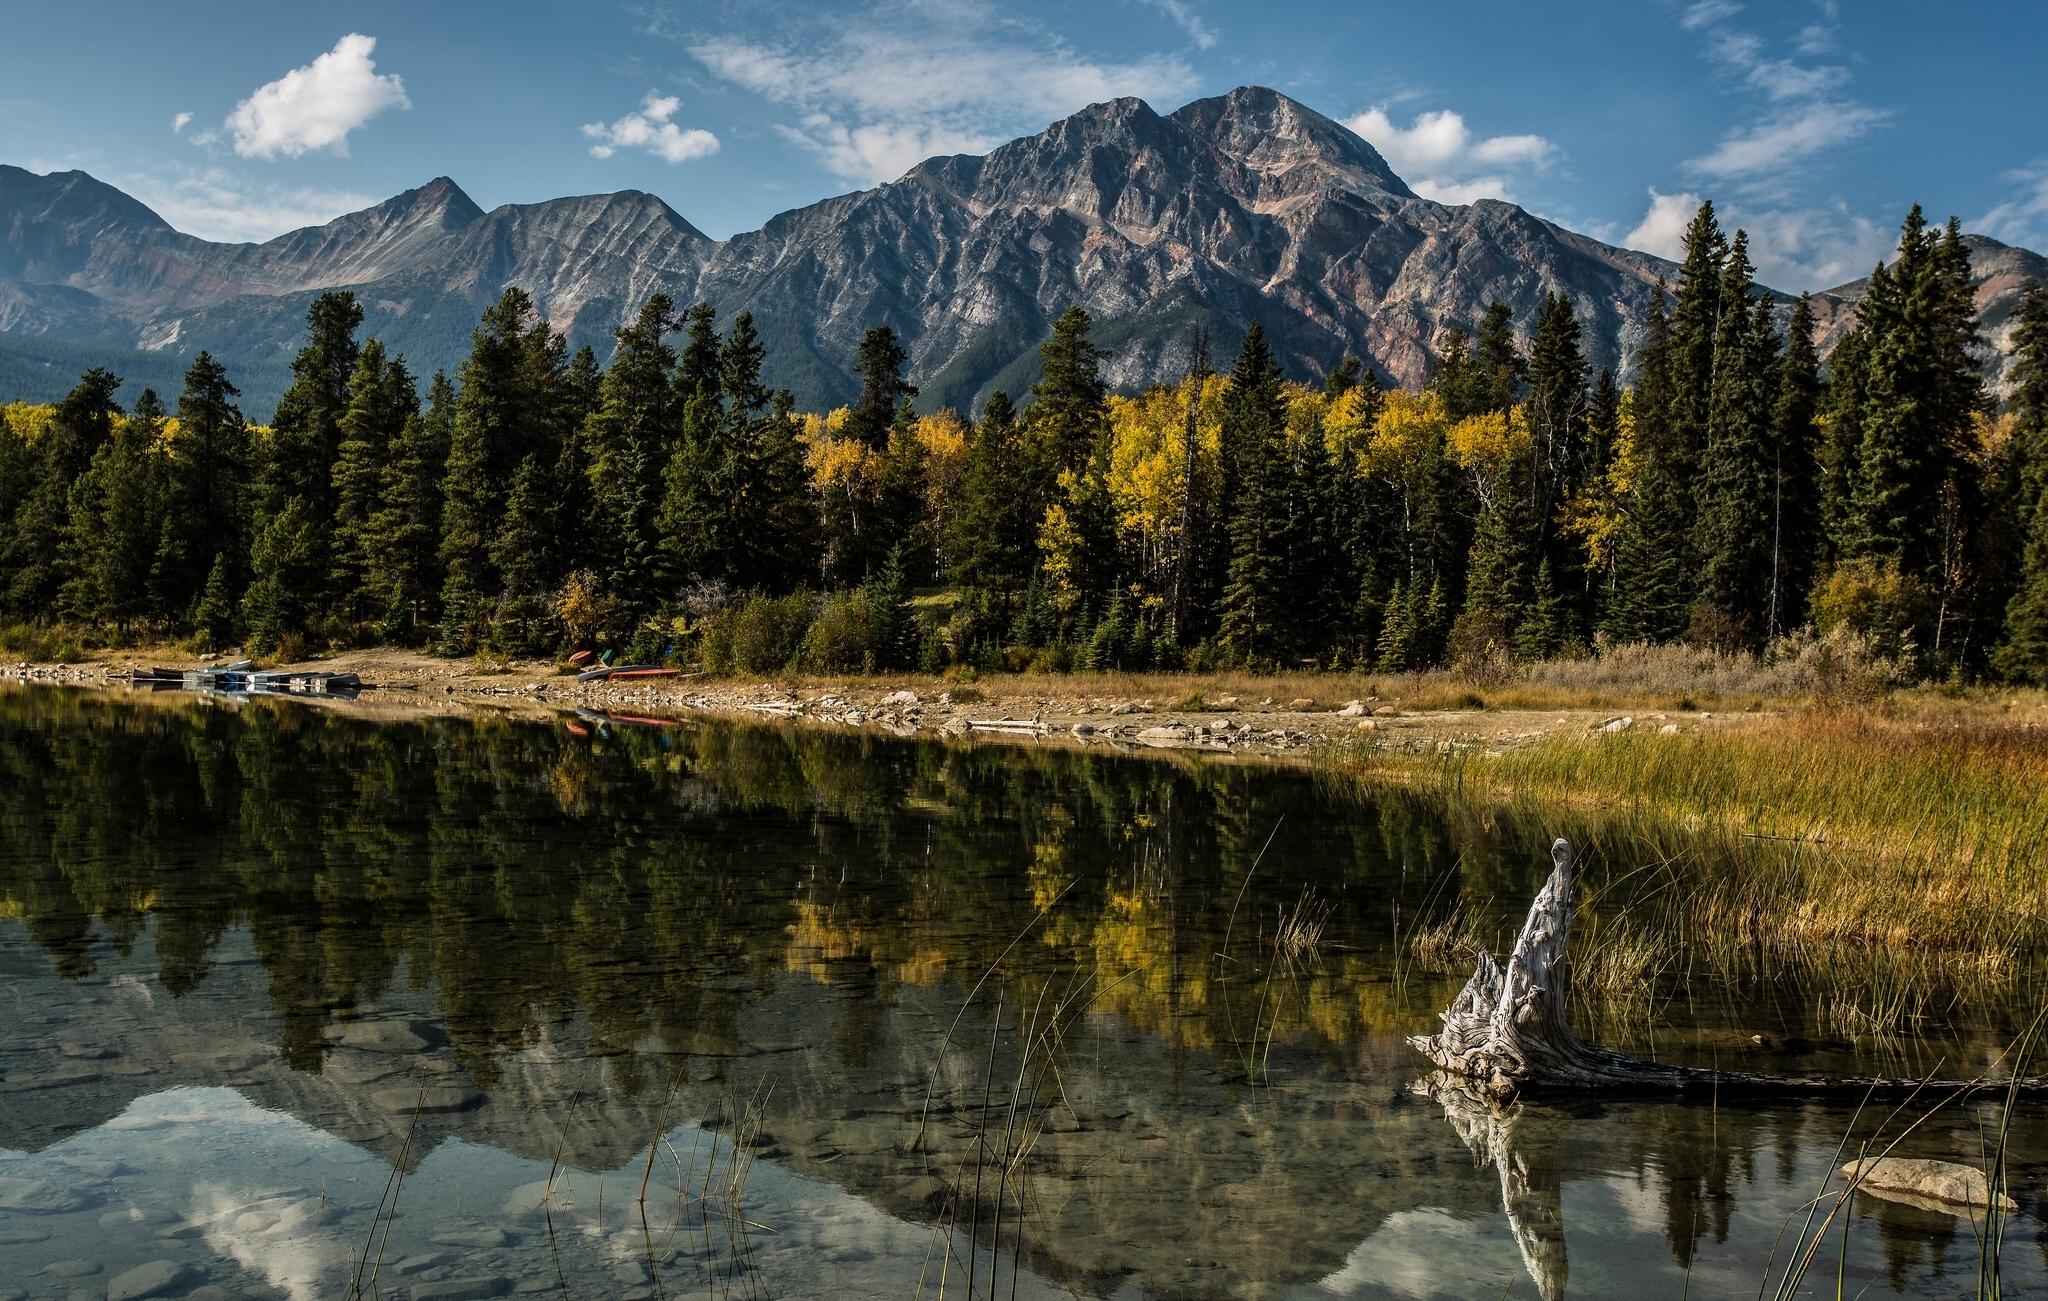 62610 Hintergrundbild 1024x768 kostenlos auf deinem Handy, lade Bilder Natur, Bäume, Mountains, See, Reflexion, Kanada, Albert, Alberta 1024x768 auf dein Handy herunter